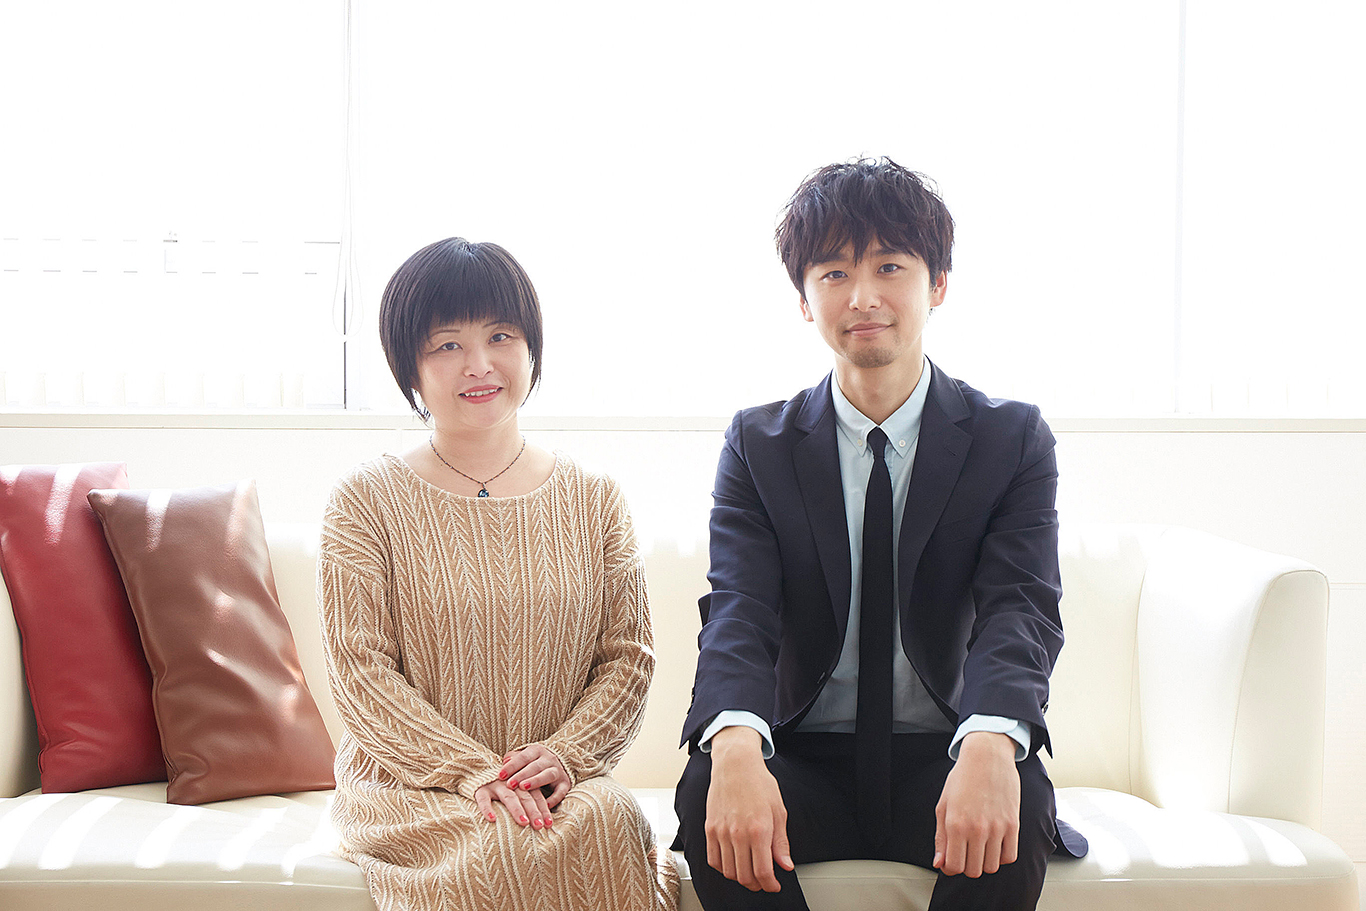 小説、ドラマ、舞台のリアリティ(橋本淳×中澤日菜子 対談インタビュー)